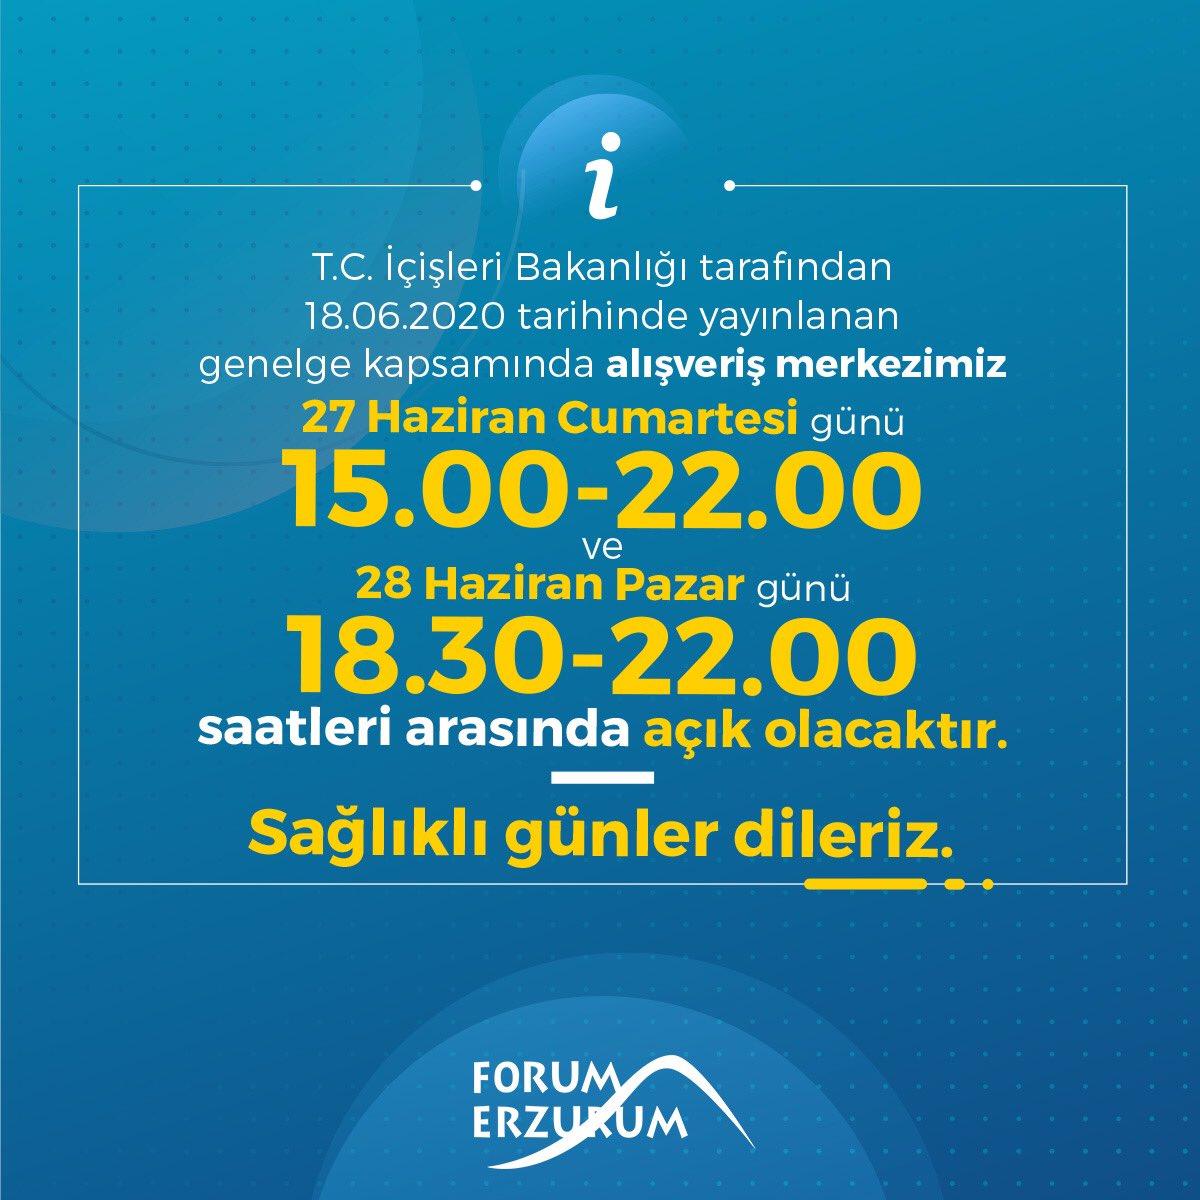 T.C İçişleri Bakanlığı tarafından 18.06.2020 tarihinde yayınlanan genelge kapsamında alışveriş merkezimiz 27 Haziran Cumartesi günü 15.00-22.00 ve 28 Haziran Pazar 18.30-22.00 saatleri arasında açık olacaktır. Sağlıklı günler dileriz. https://t.co/9eNpYU1tcq